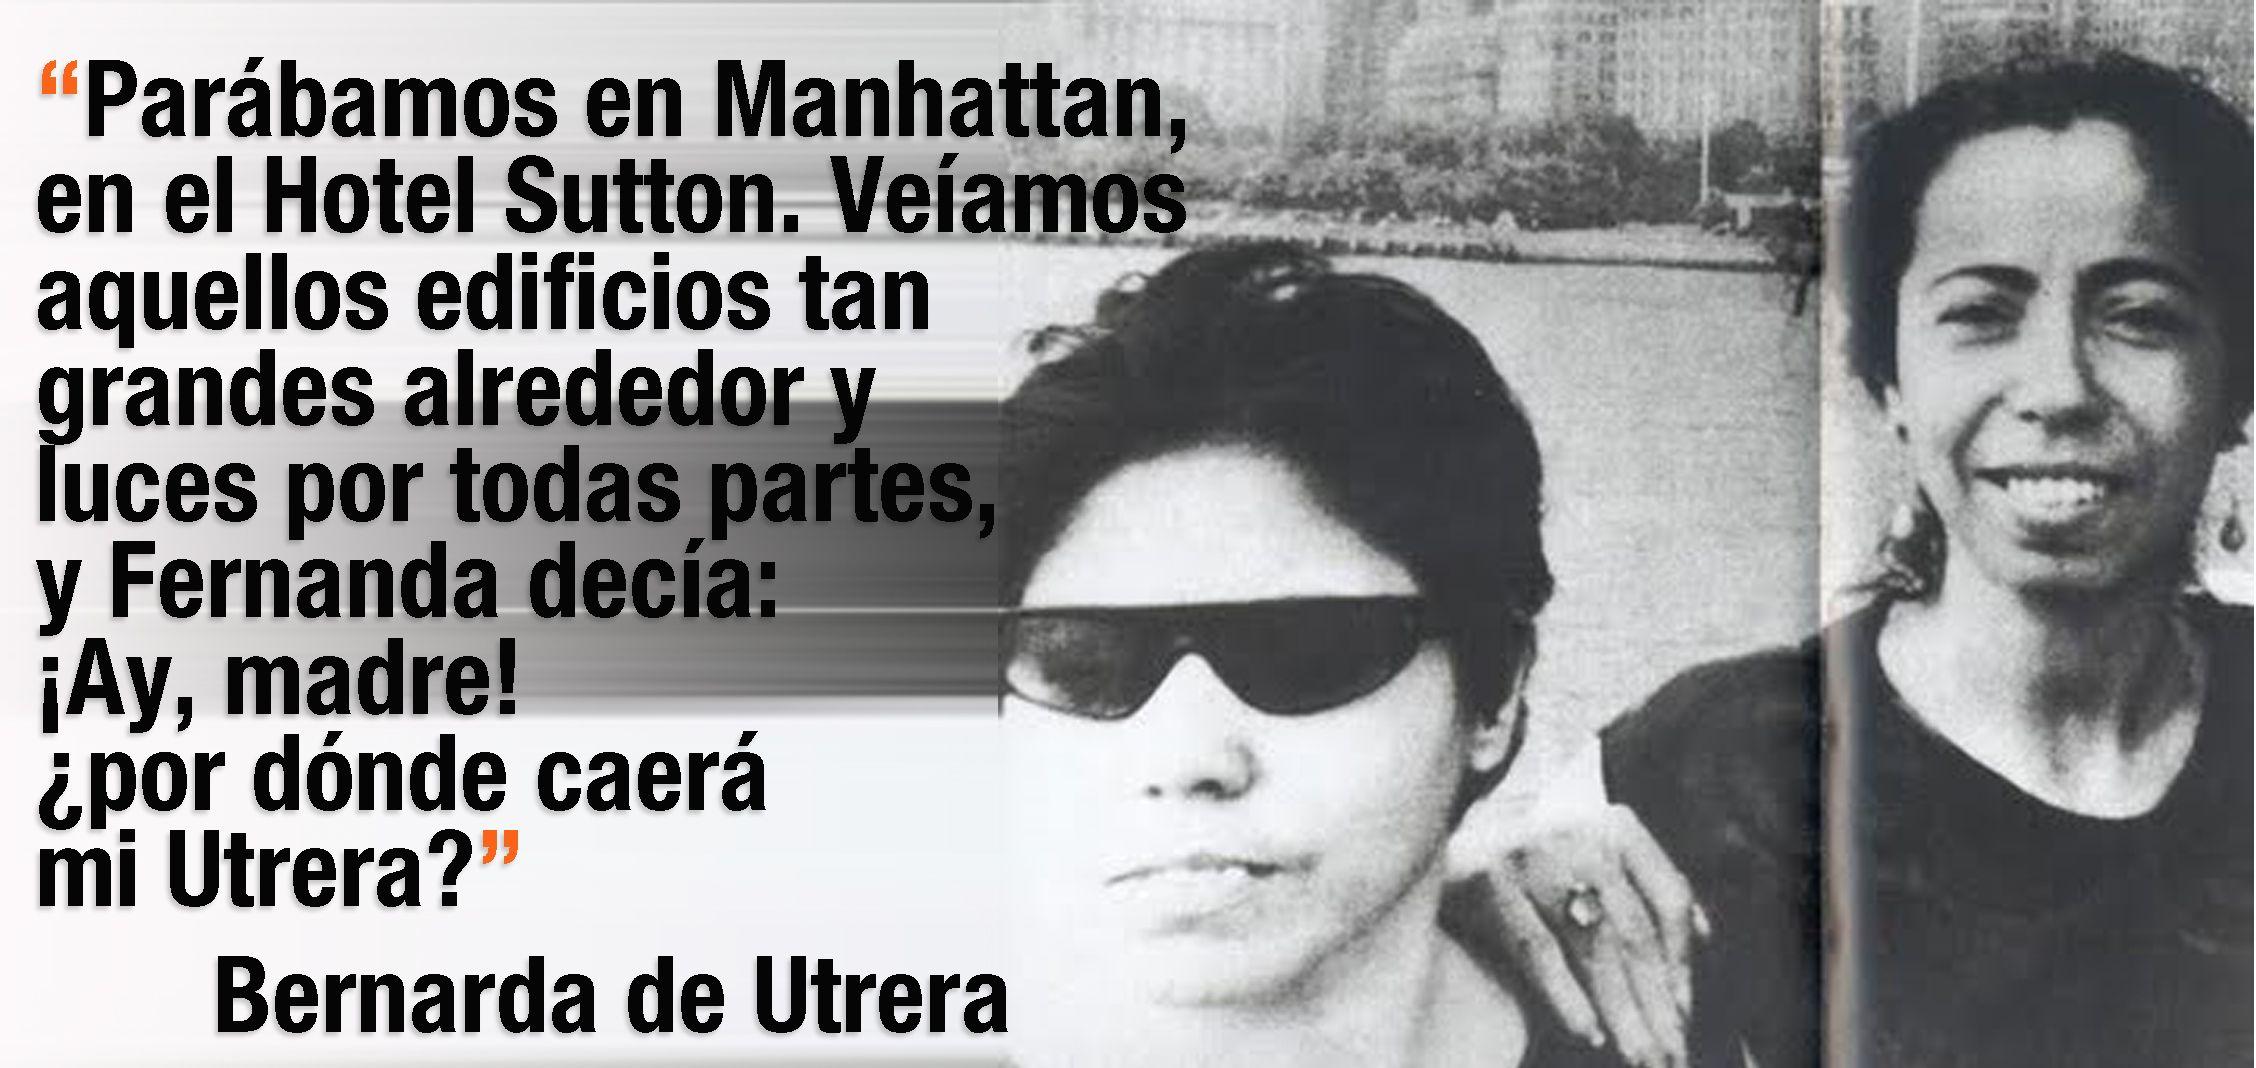 Fernanda Y Bernarda De Utrera Flamenco Citas Quotes Decir No Cayendo Citas